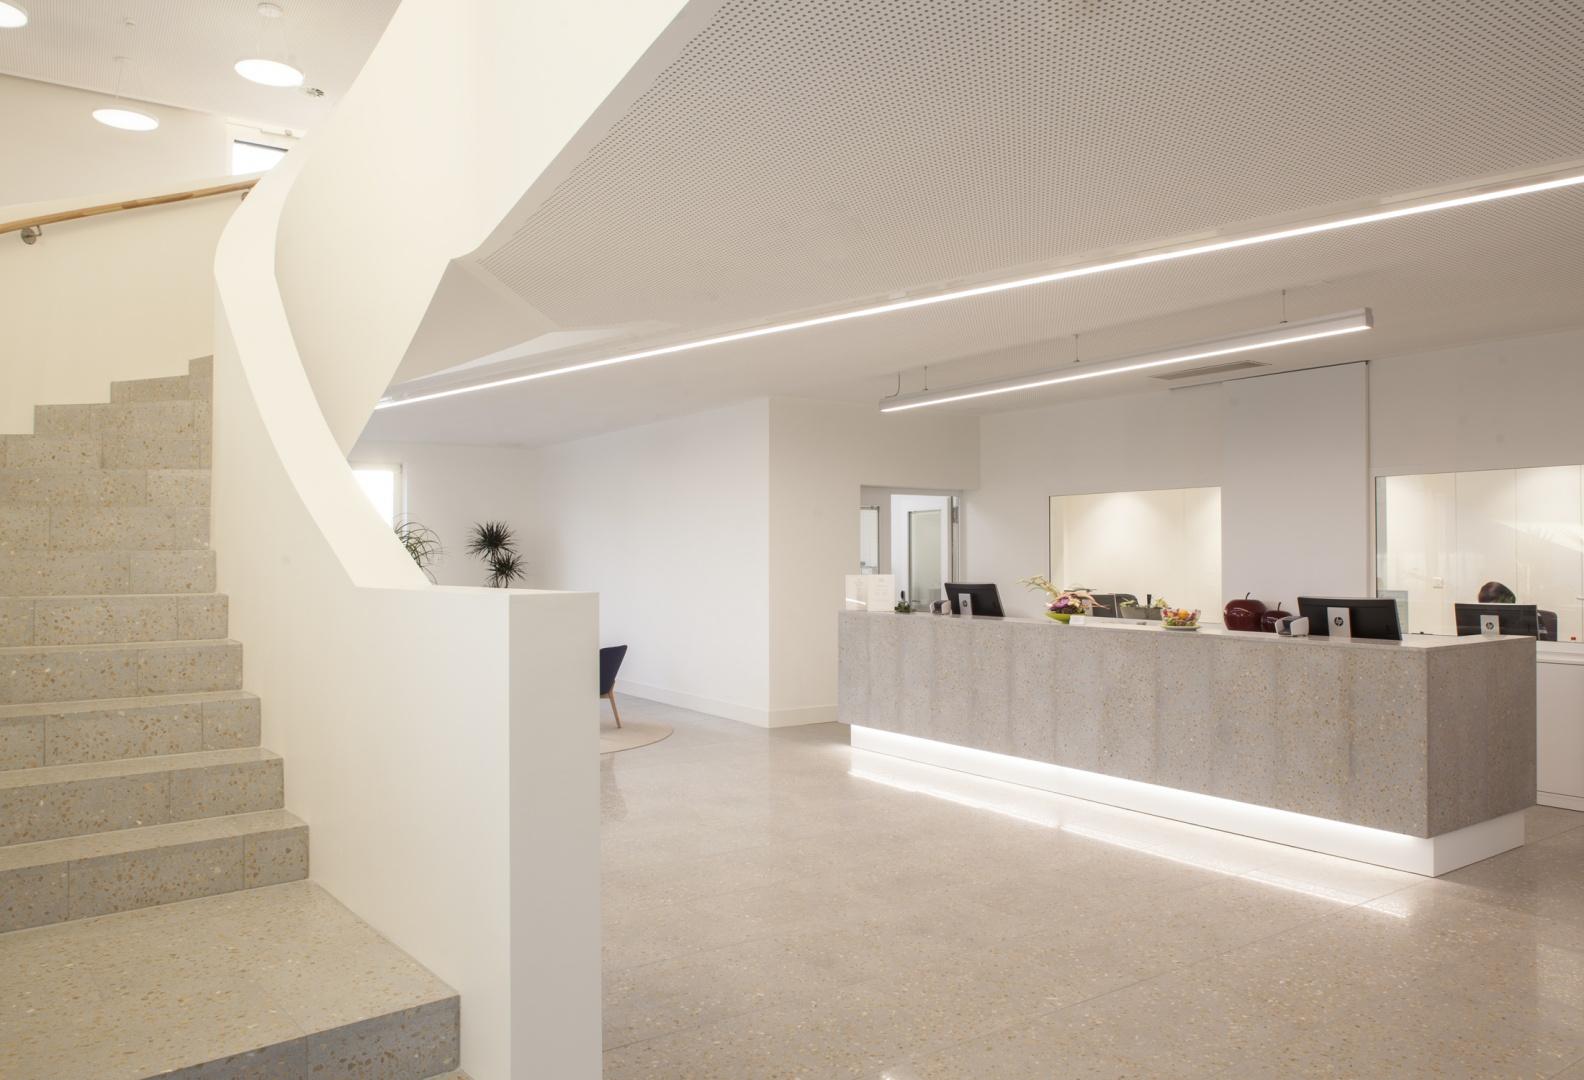 Hôtel des patients, desk de la récpetion  © Brauen Wälchli Architectes, Marc Schellenberg